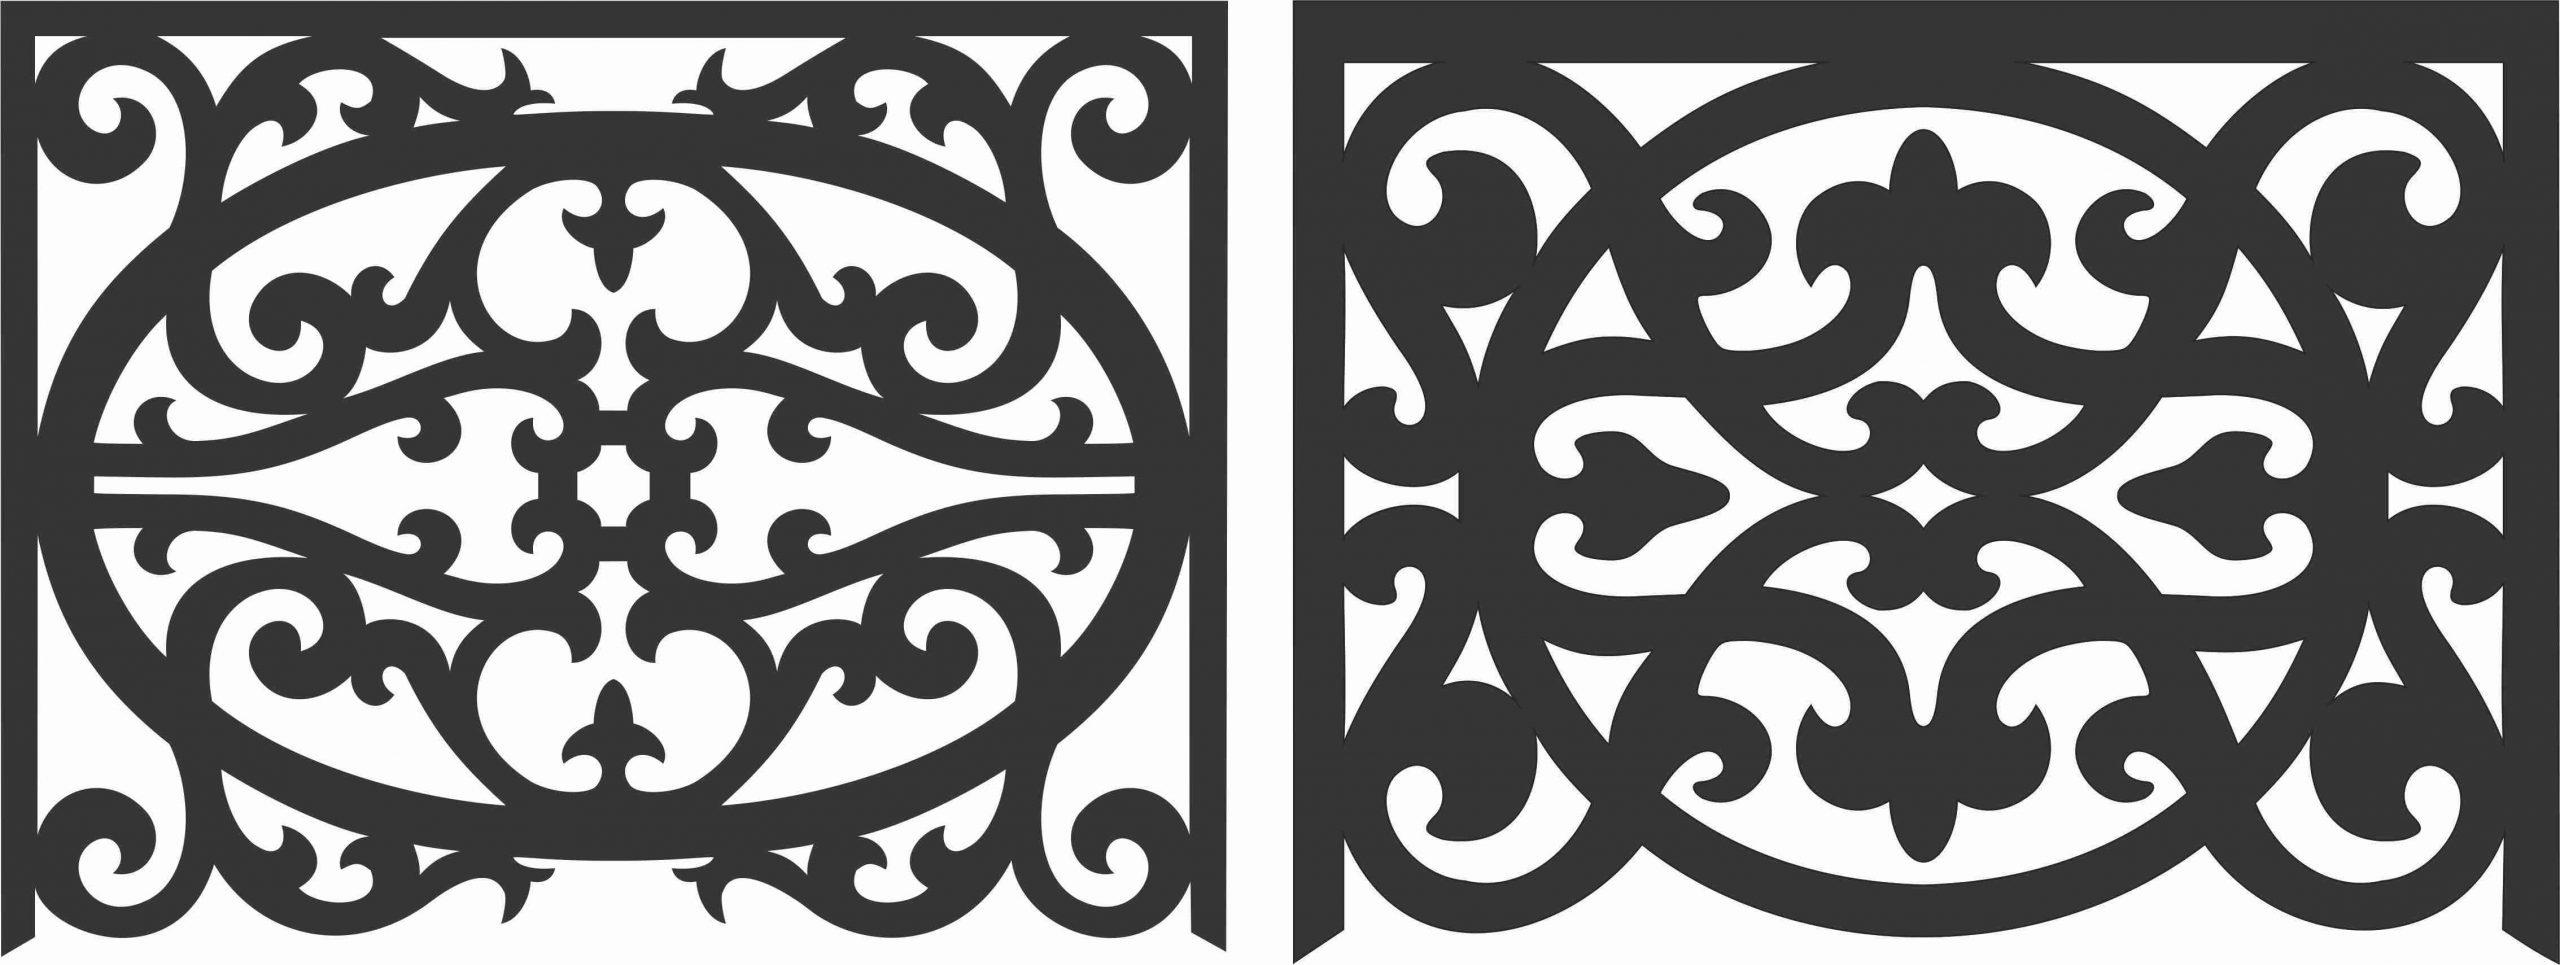 Designs CNC Free Vectors For All